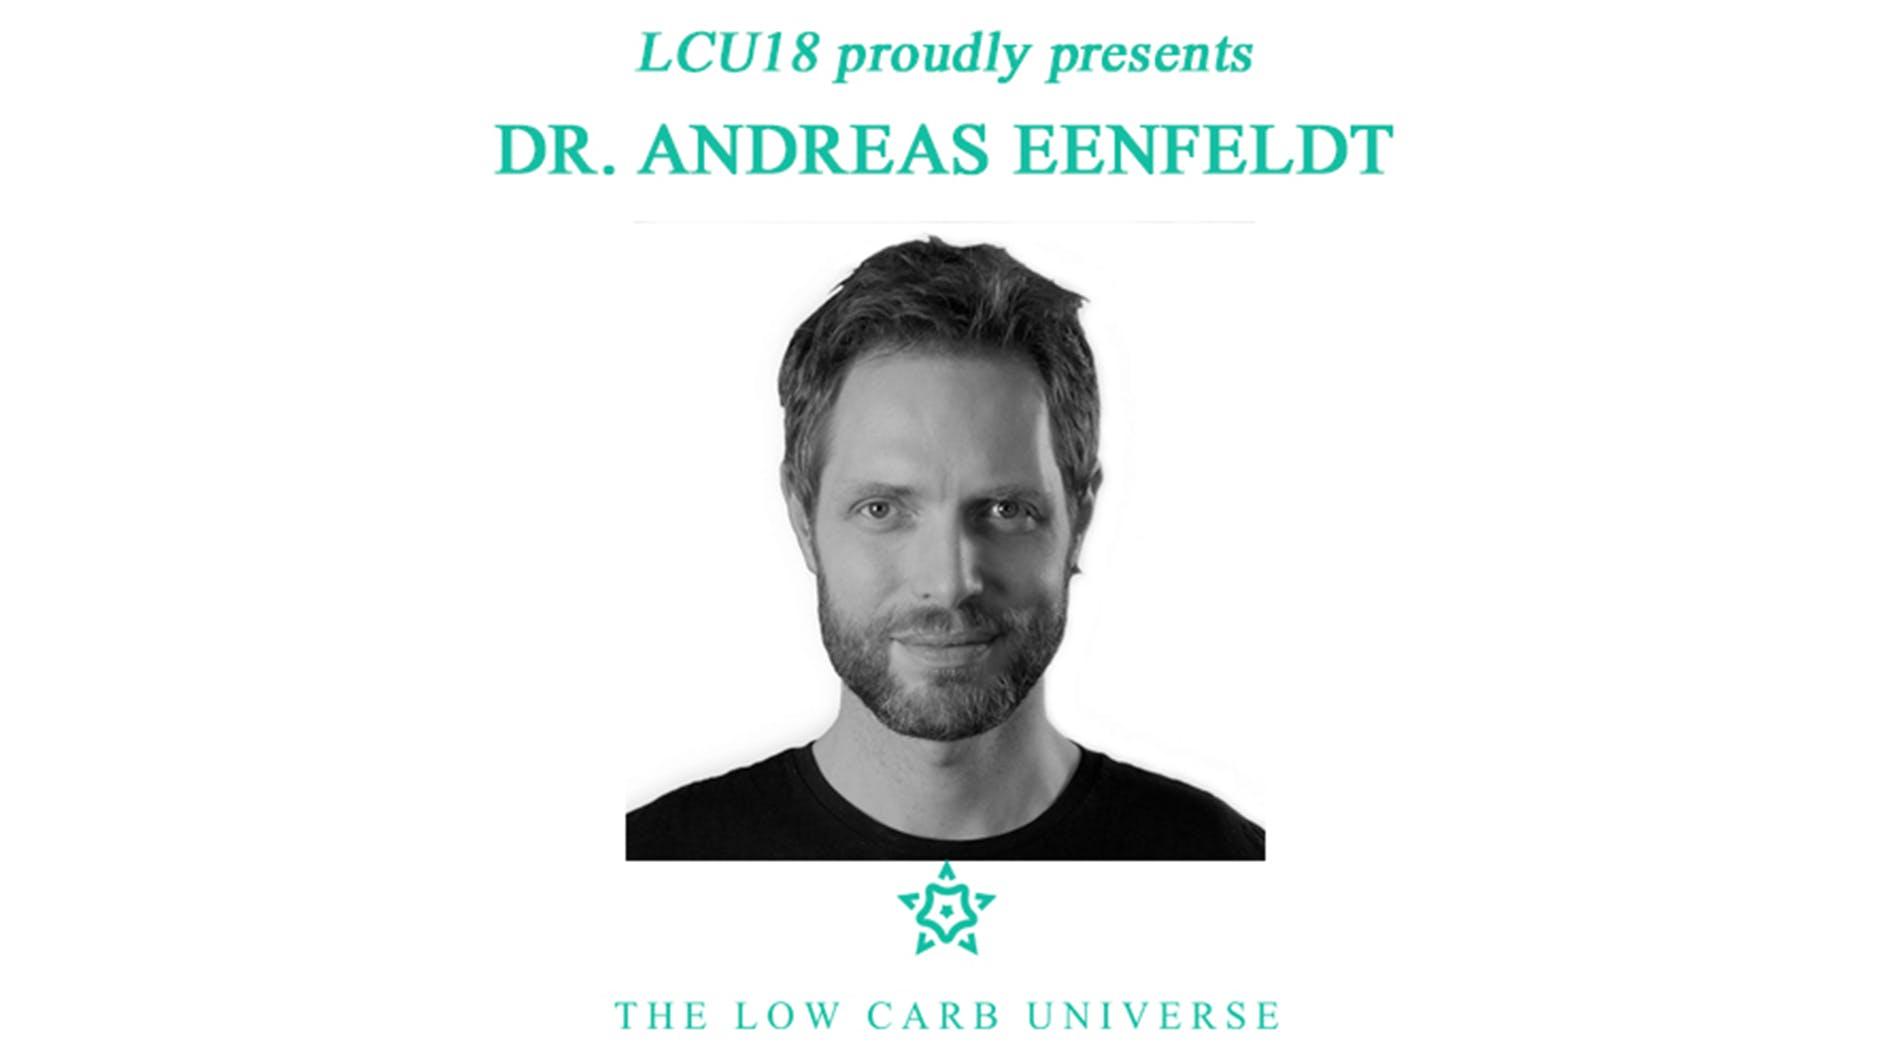 ¡Únete a nosotros en la conferencia LCU en noviembre!